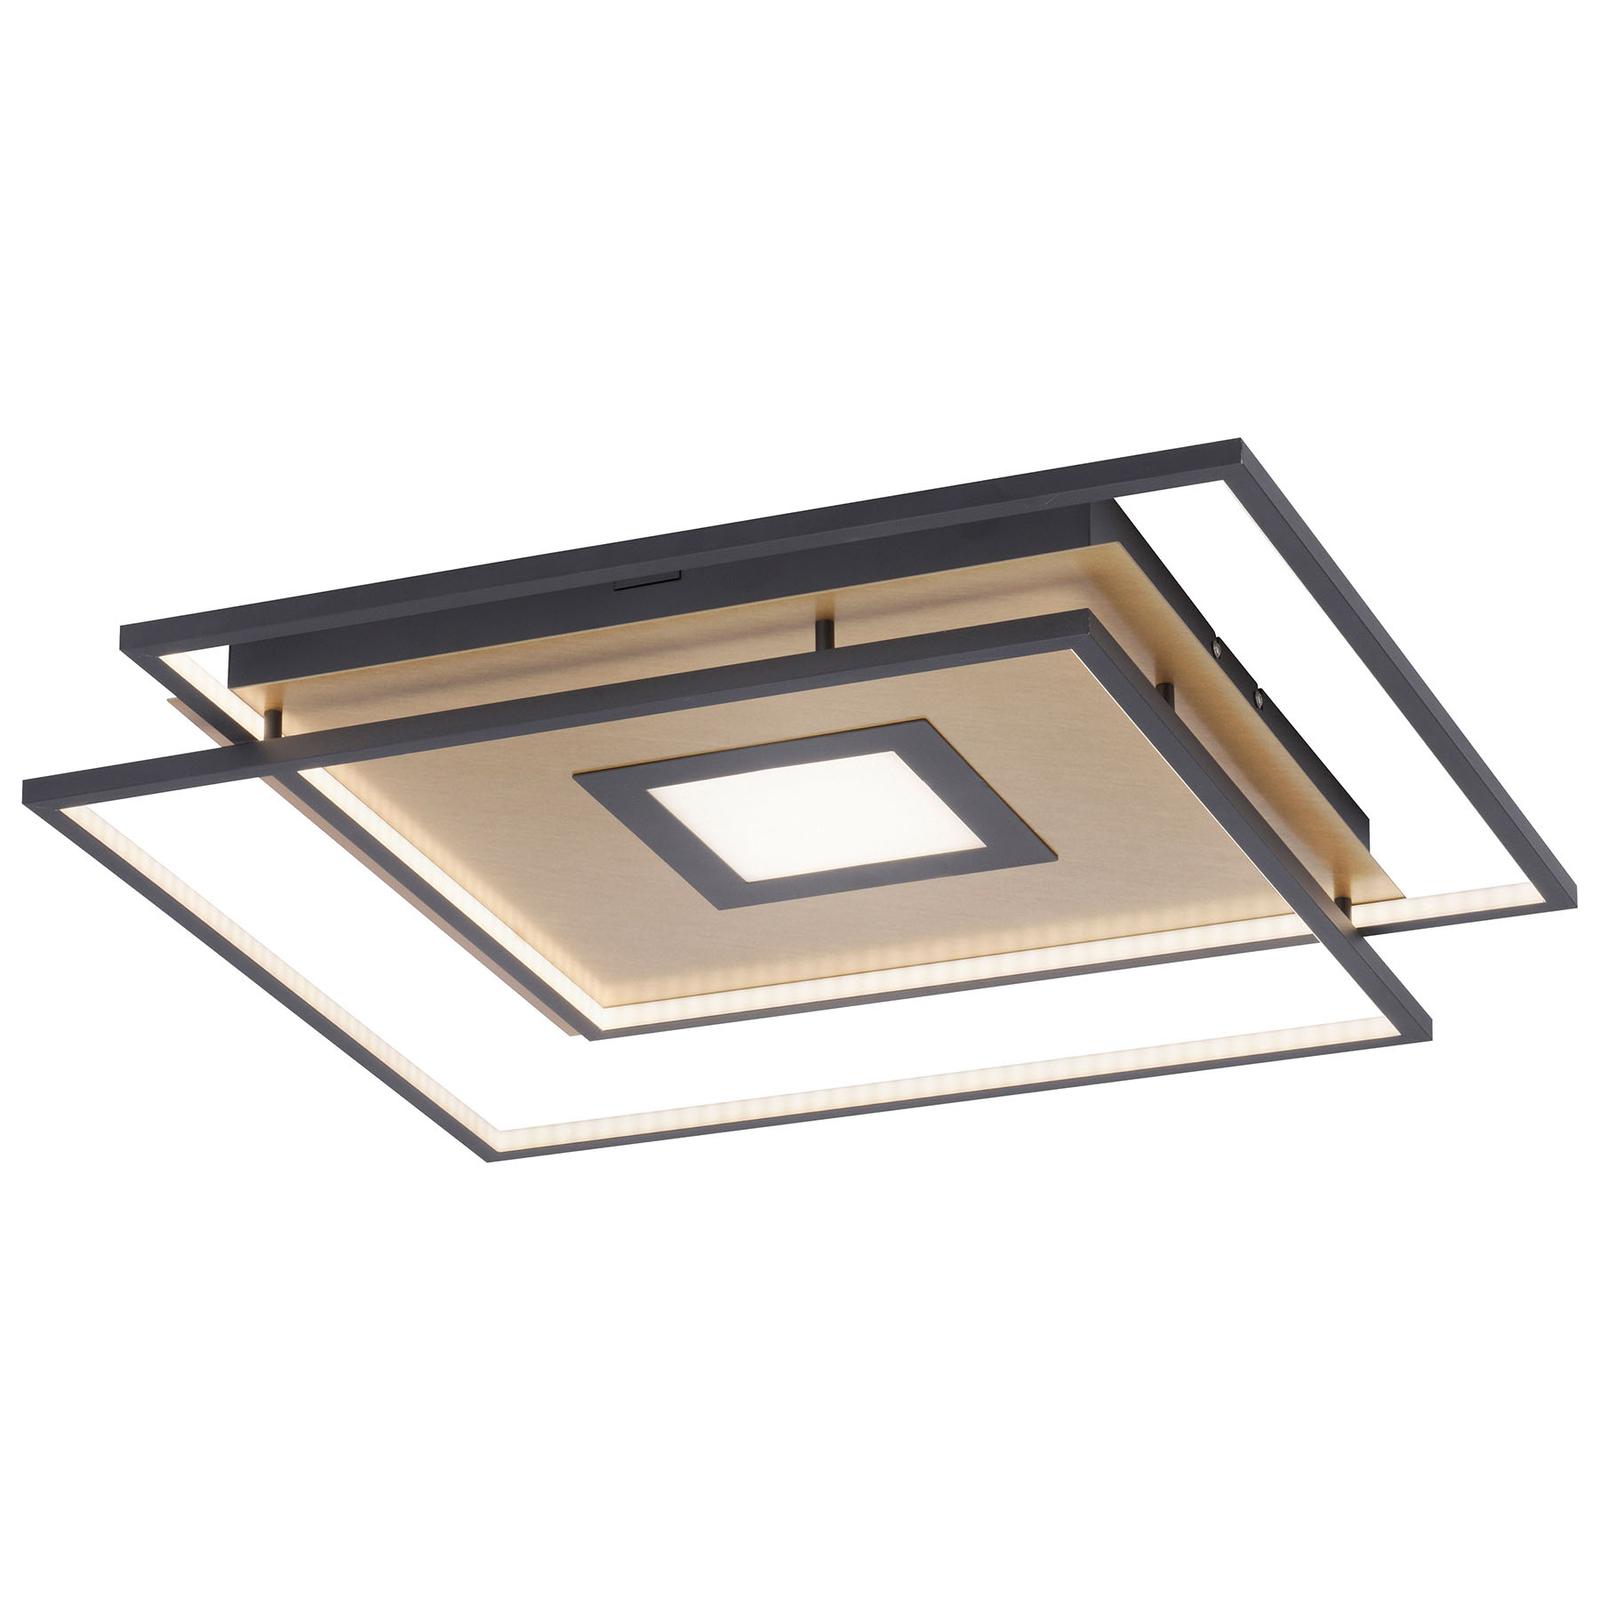 Paul Neuhaus Q-AMIRA LED-kattovalaisin, kulta